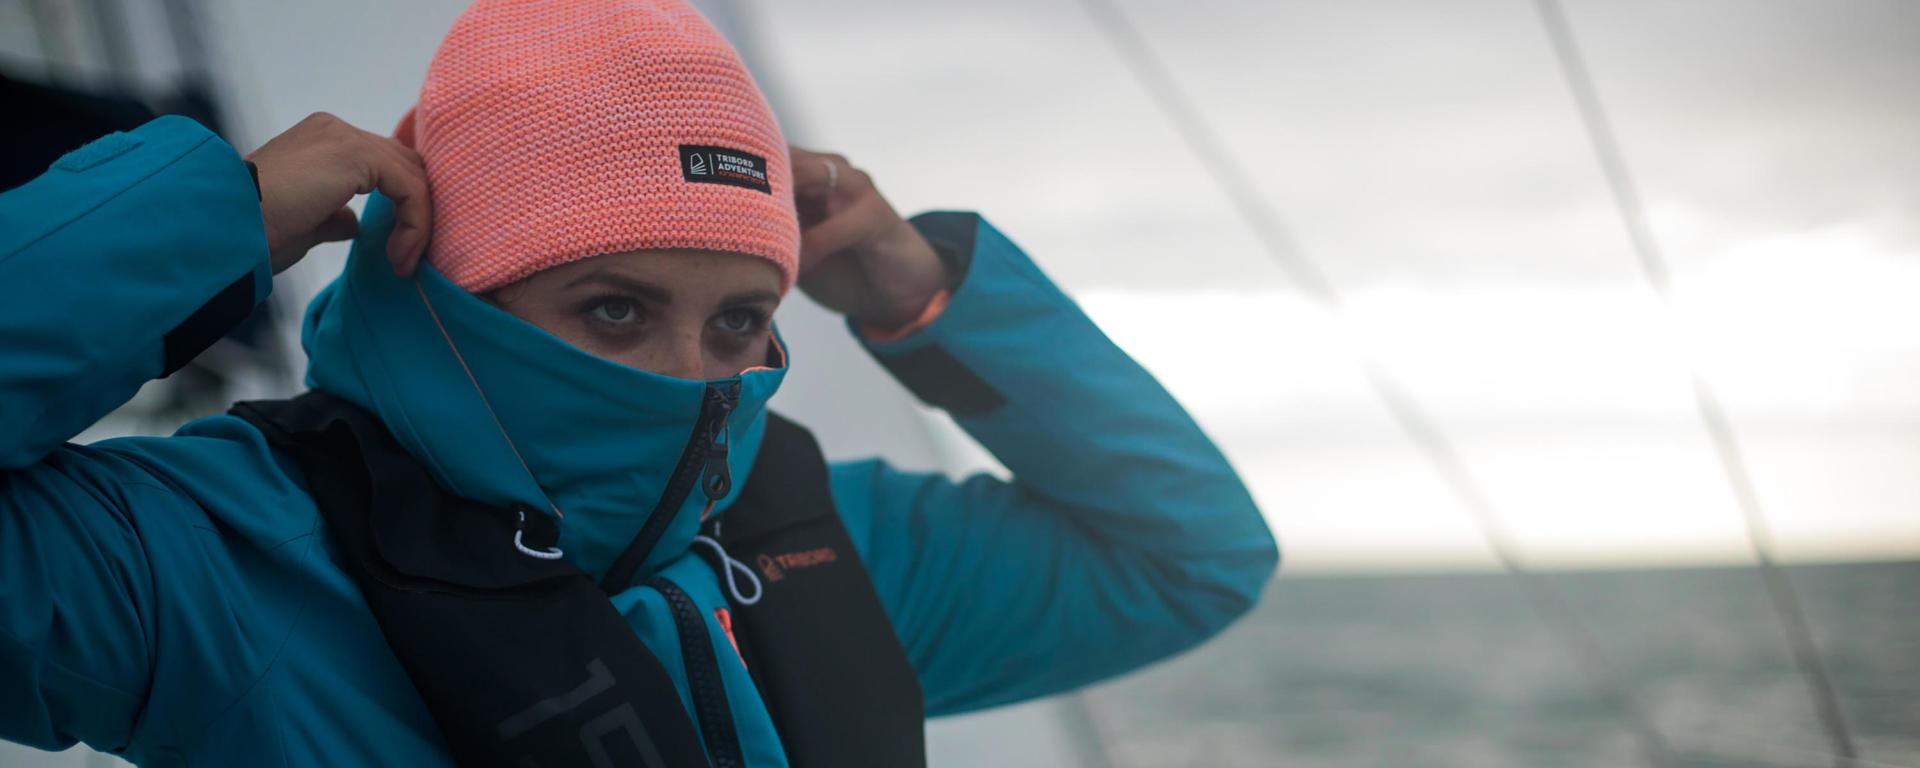 Naviguez-chaud-voile-tribord